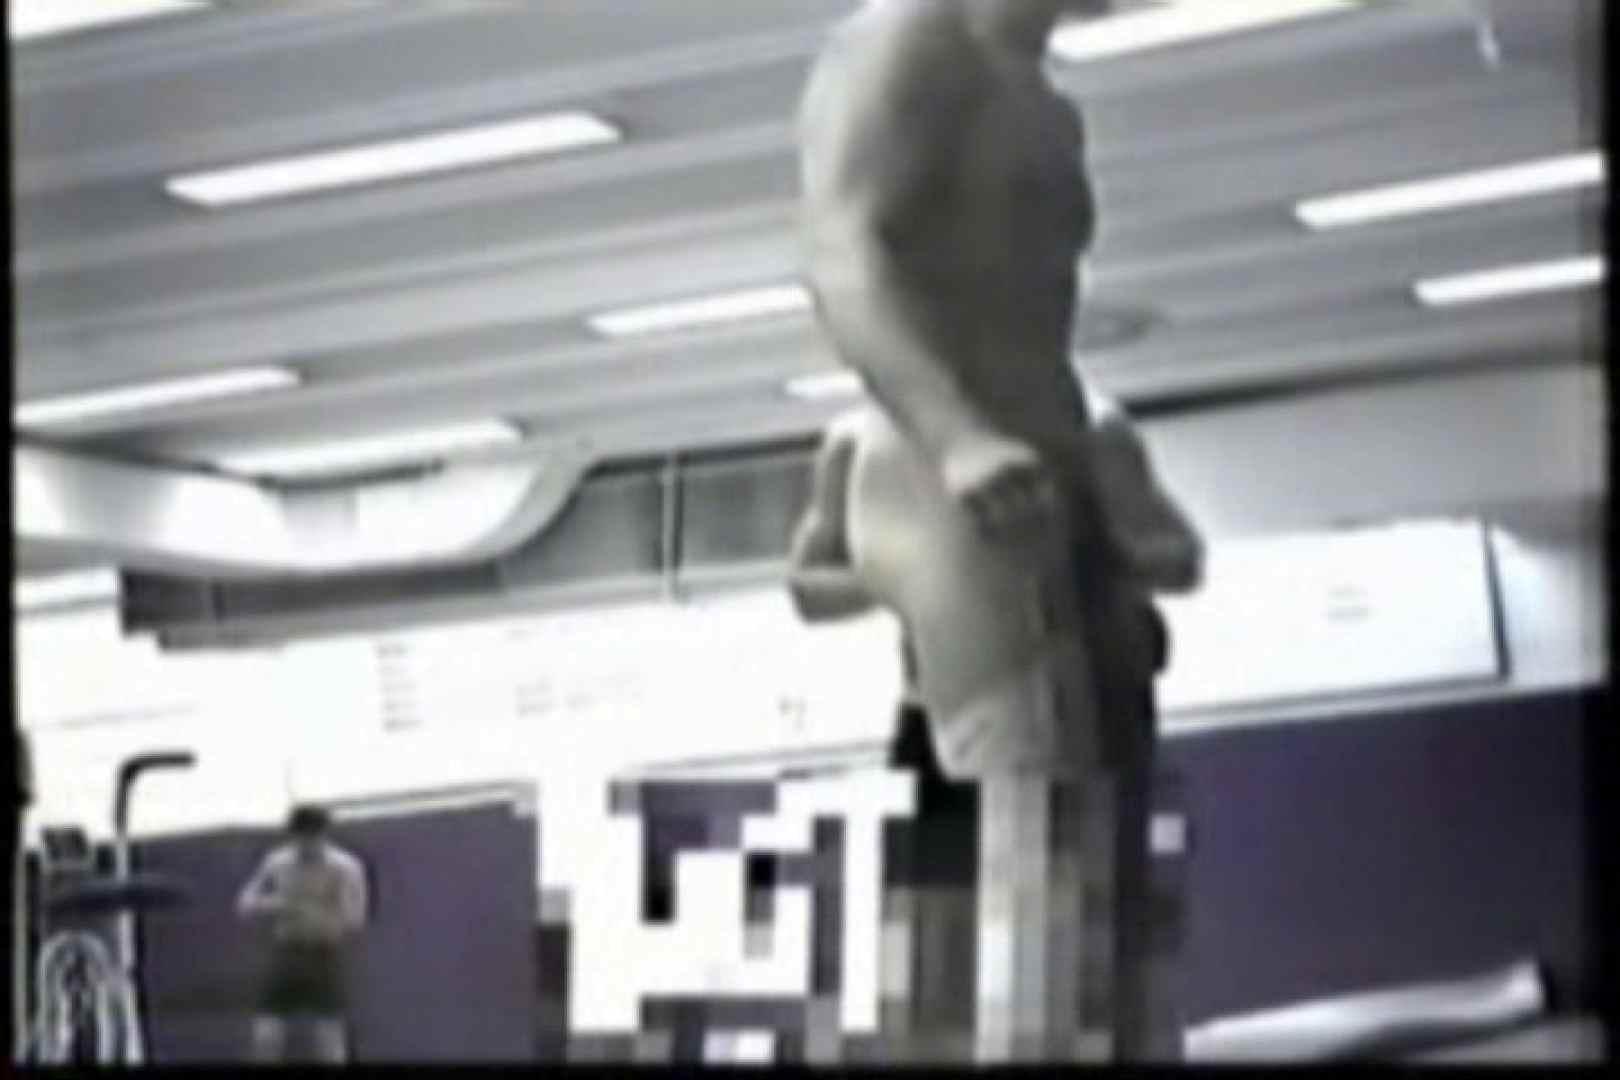 洋人さんの脱衣所を覗いてみました。VOL.6 のぞき特集 ゲイアダルト画像 102枚 46